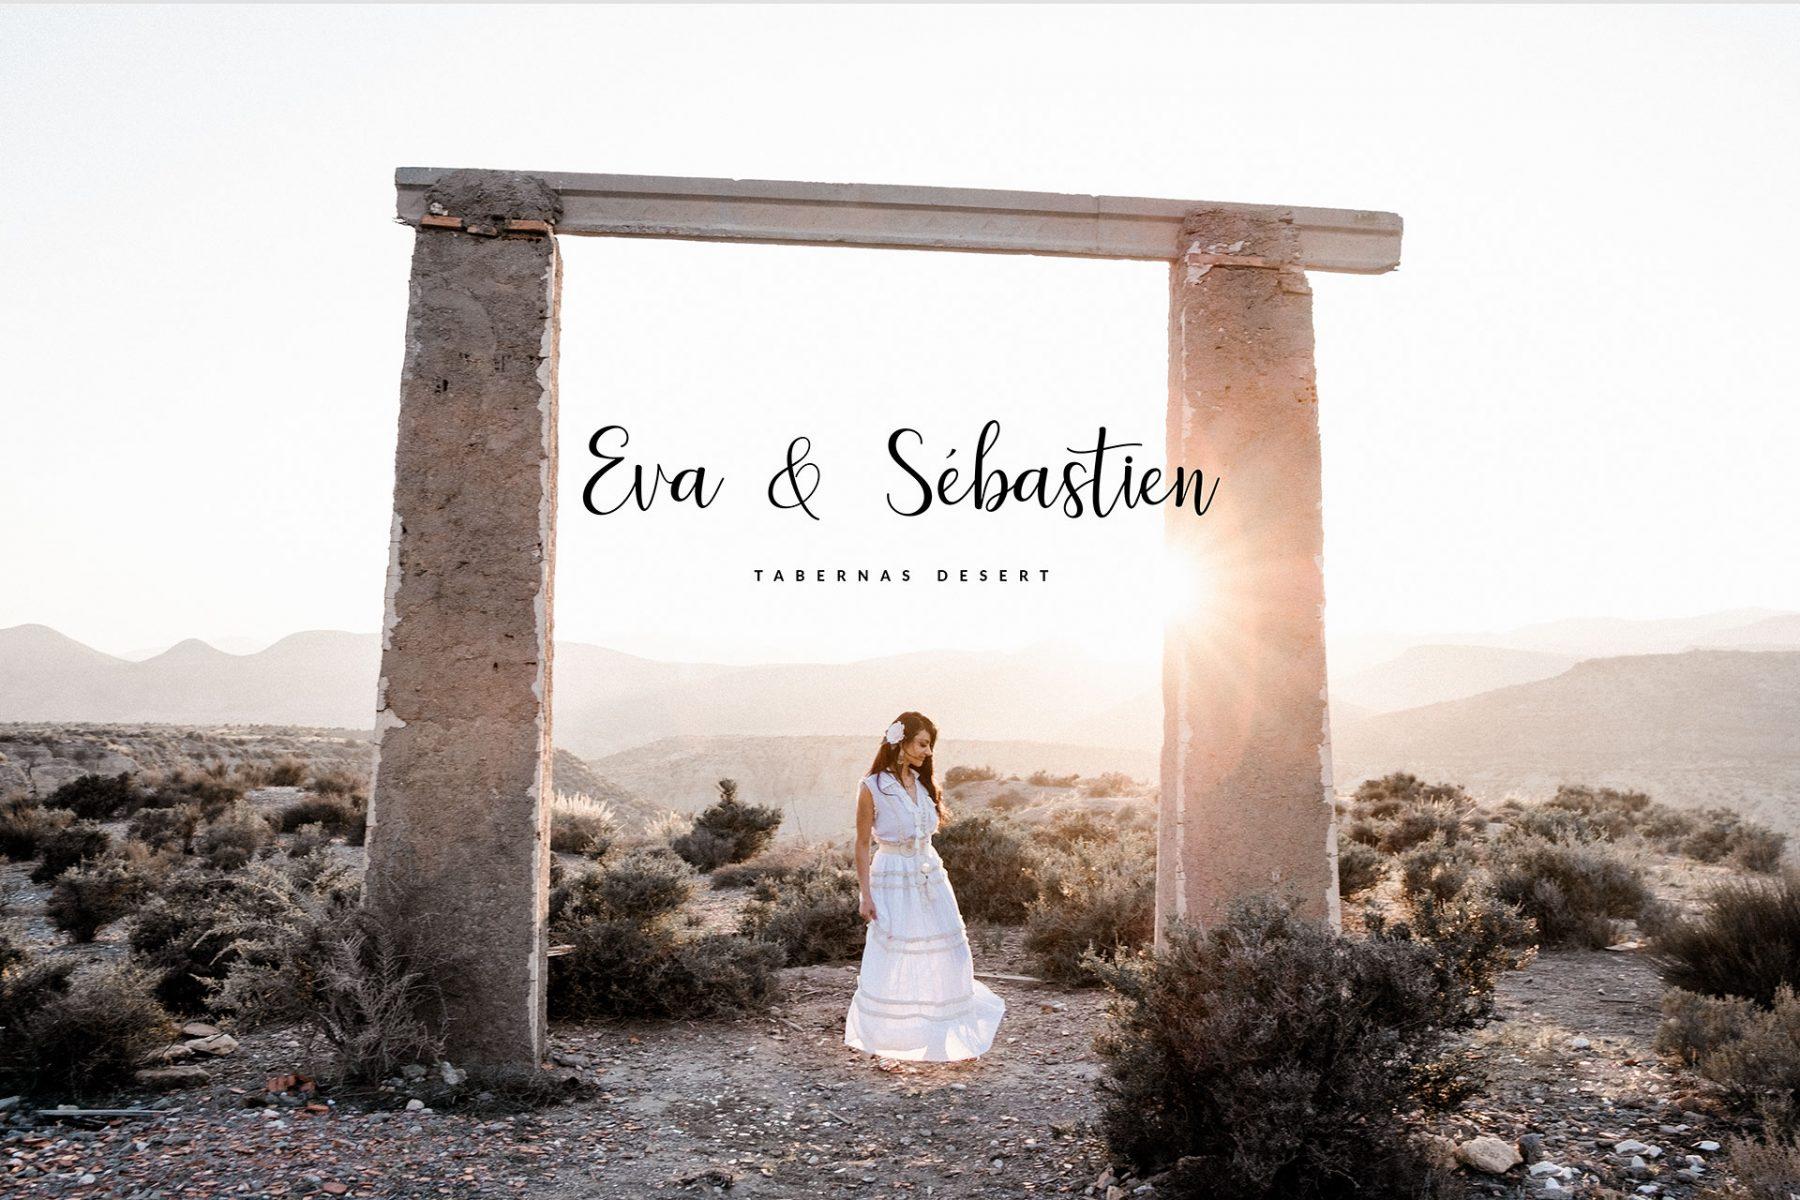 Elopement at Tabernas Desert - Eva & Sébastien 1